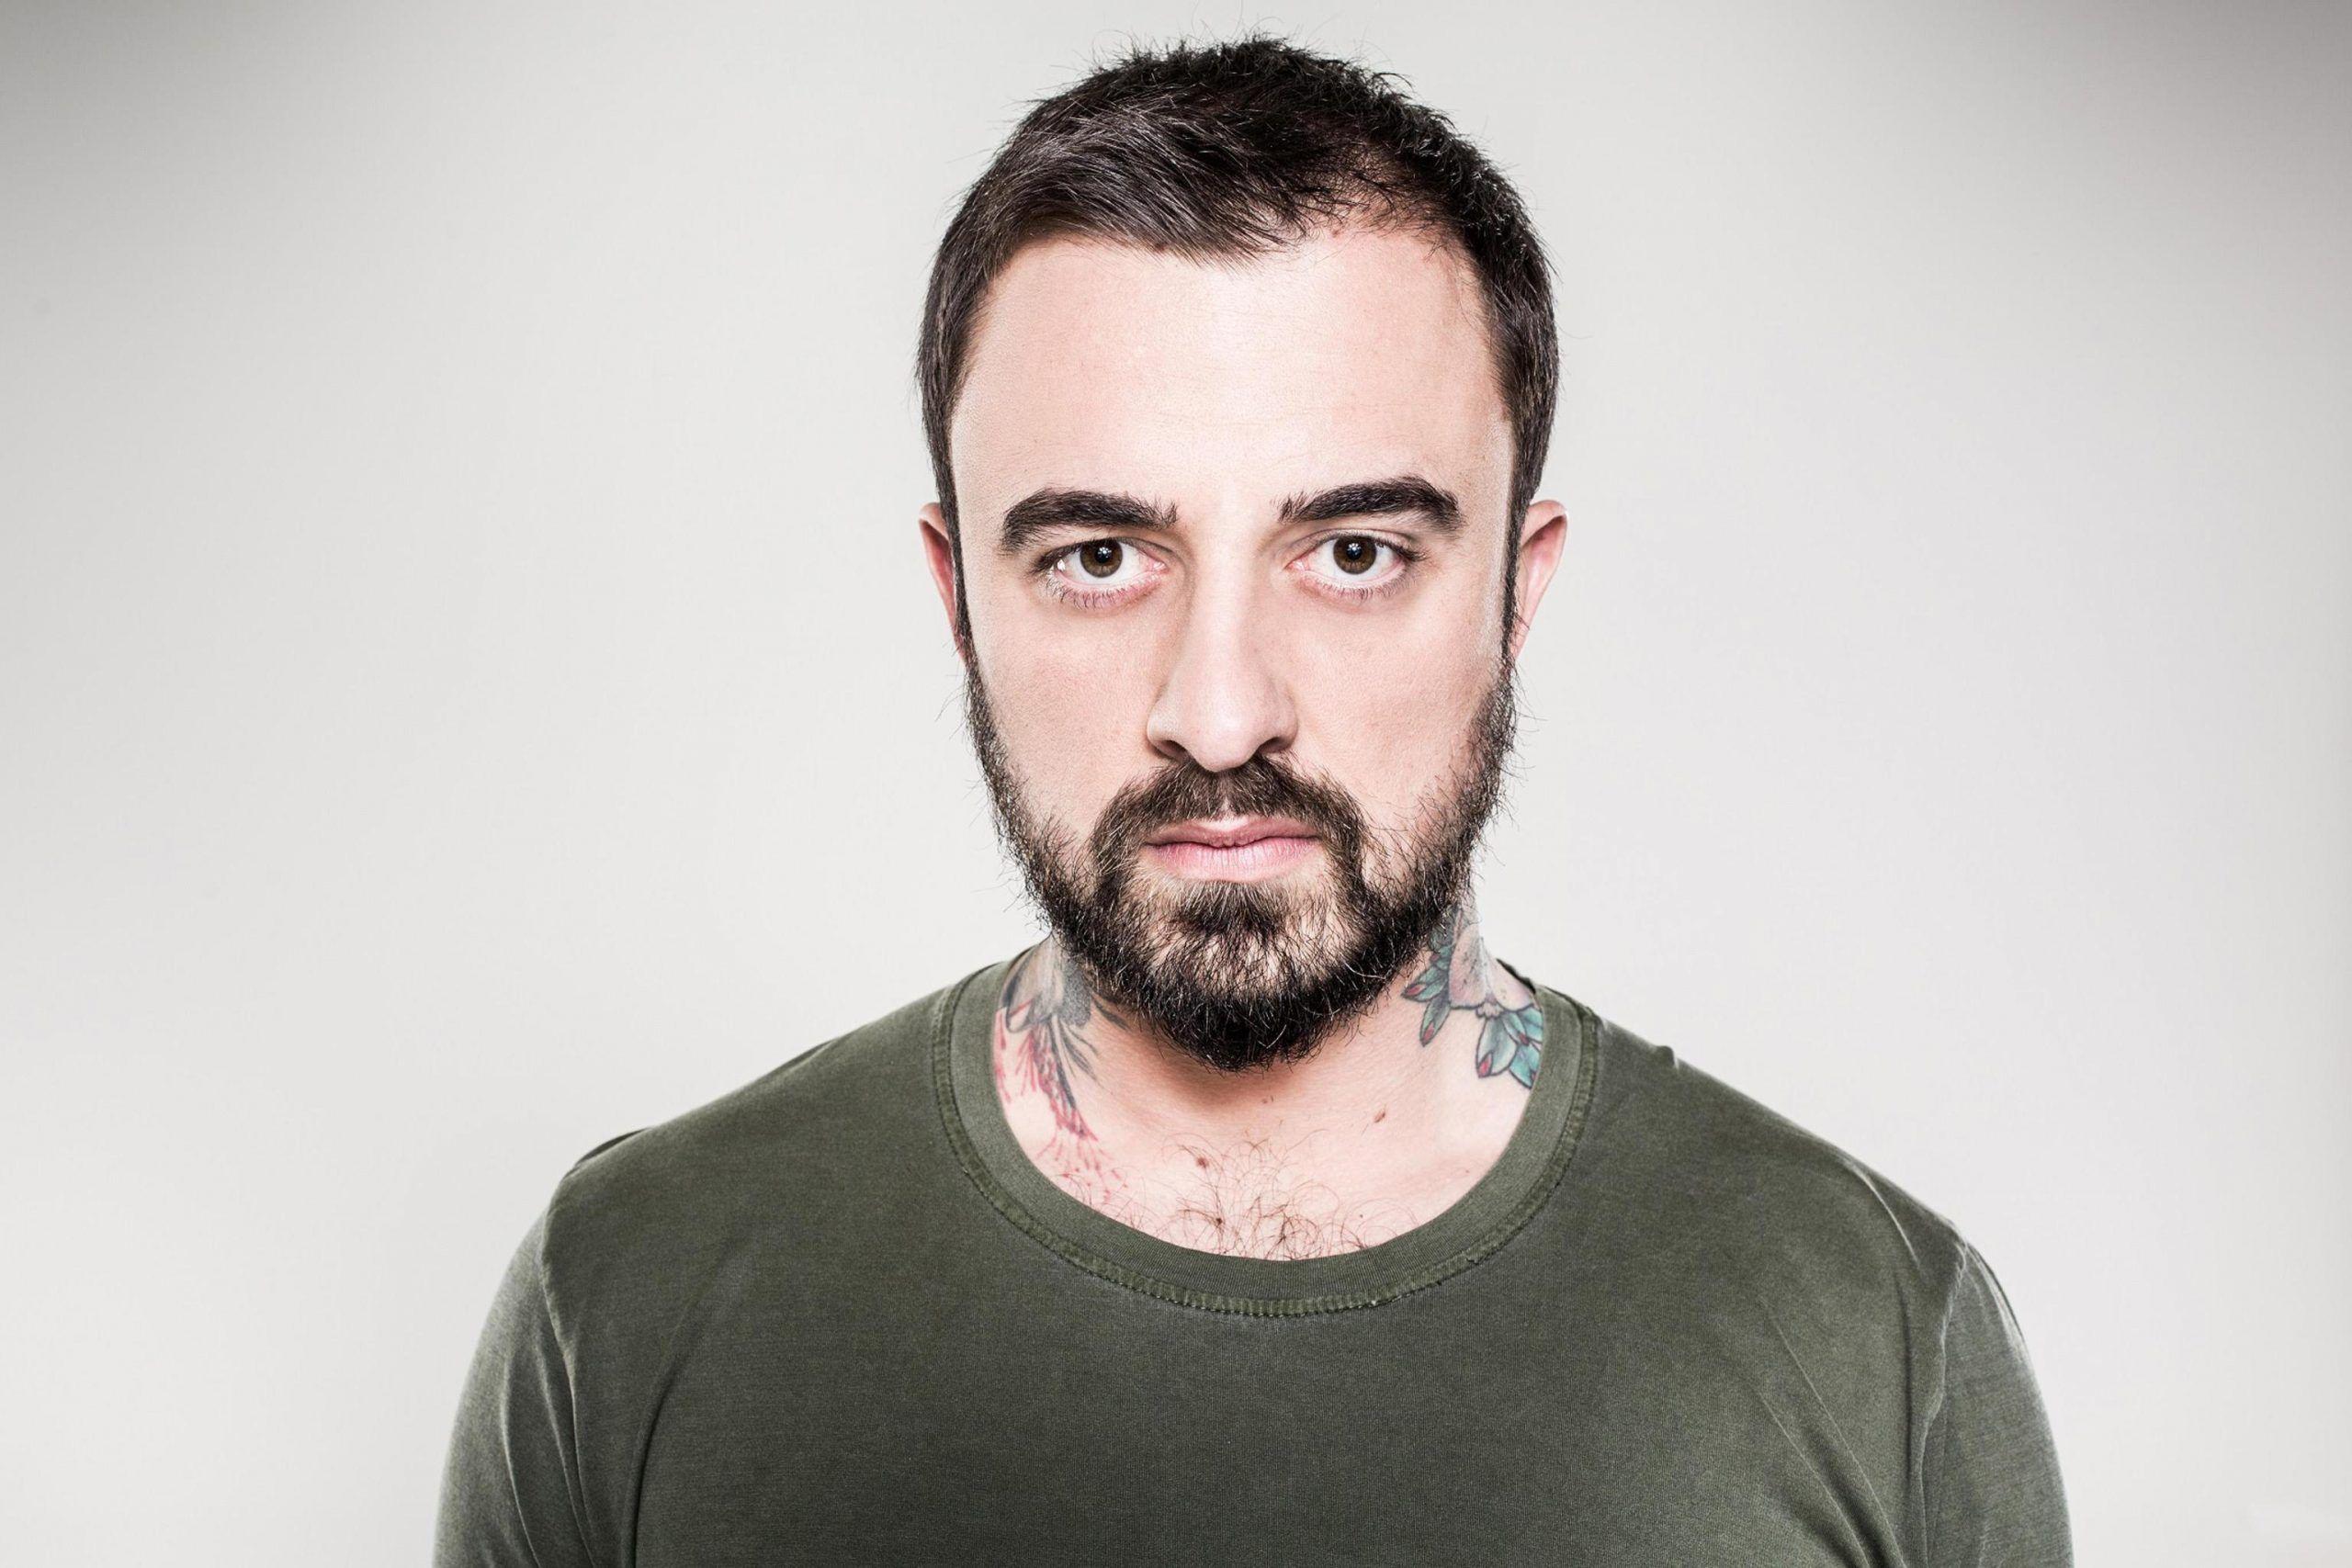 Chef Rubio contro Salvini: 'Perchè il capretto musulmano no e l'agnello cristiano sì?'